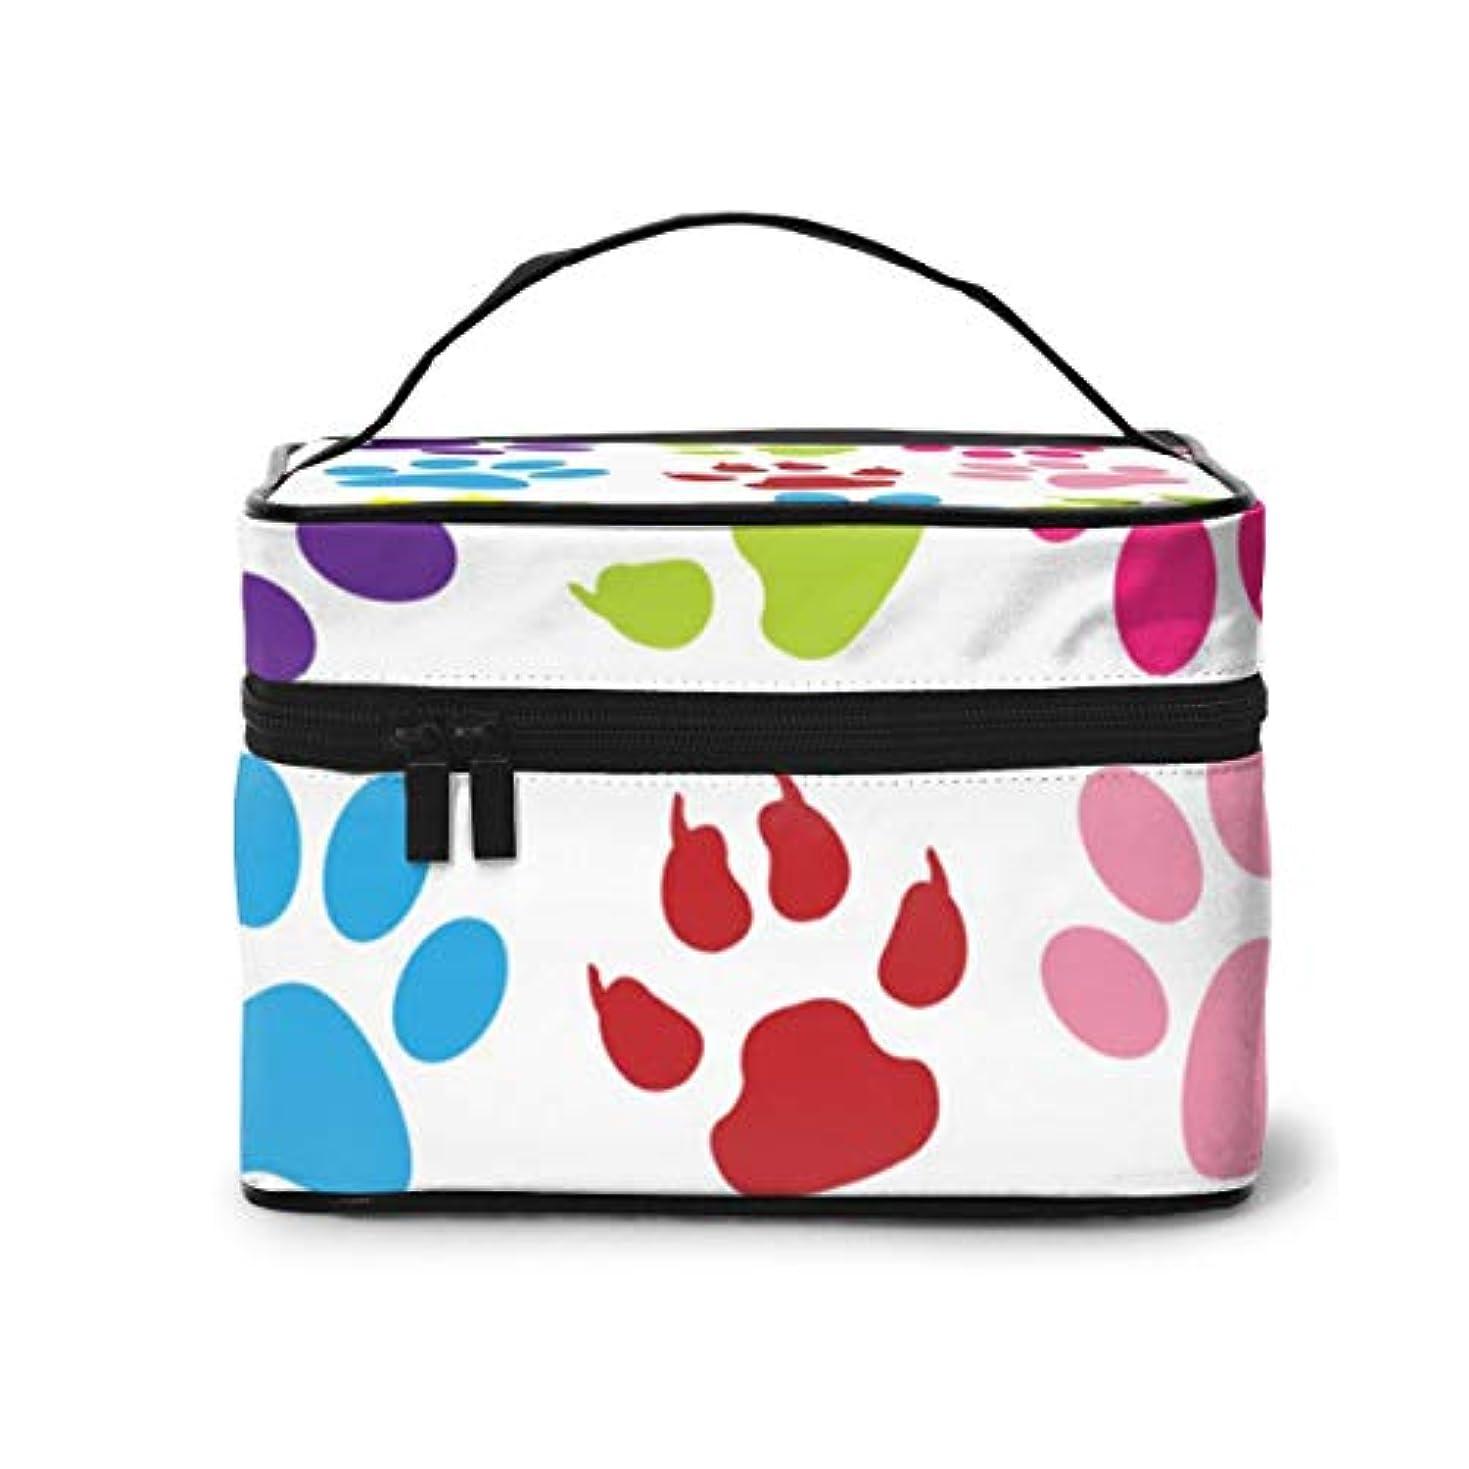 ラグ暗記するハンディメイクポーチ 化粧ポーチ コスメバッグ バニティケース トラベルポーチ 犬 イヌ 足 雑貨 小物入れ 出張用 超軽量 機能的 大容量 収納ボックス